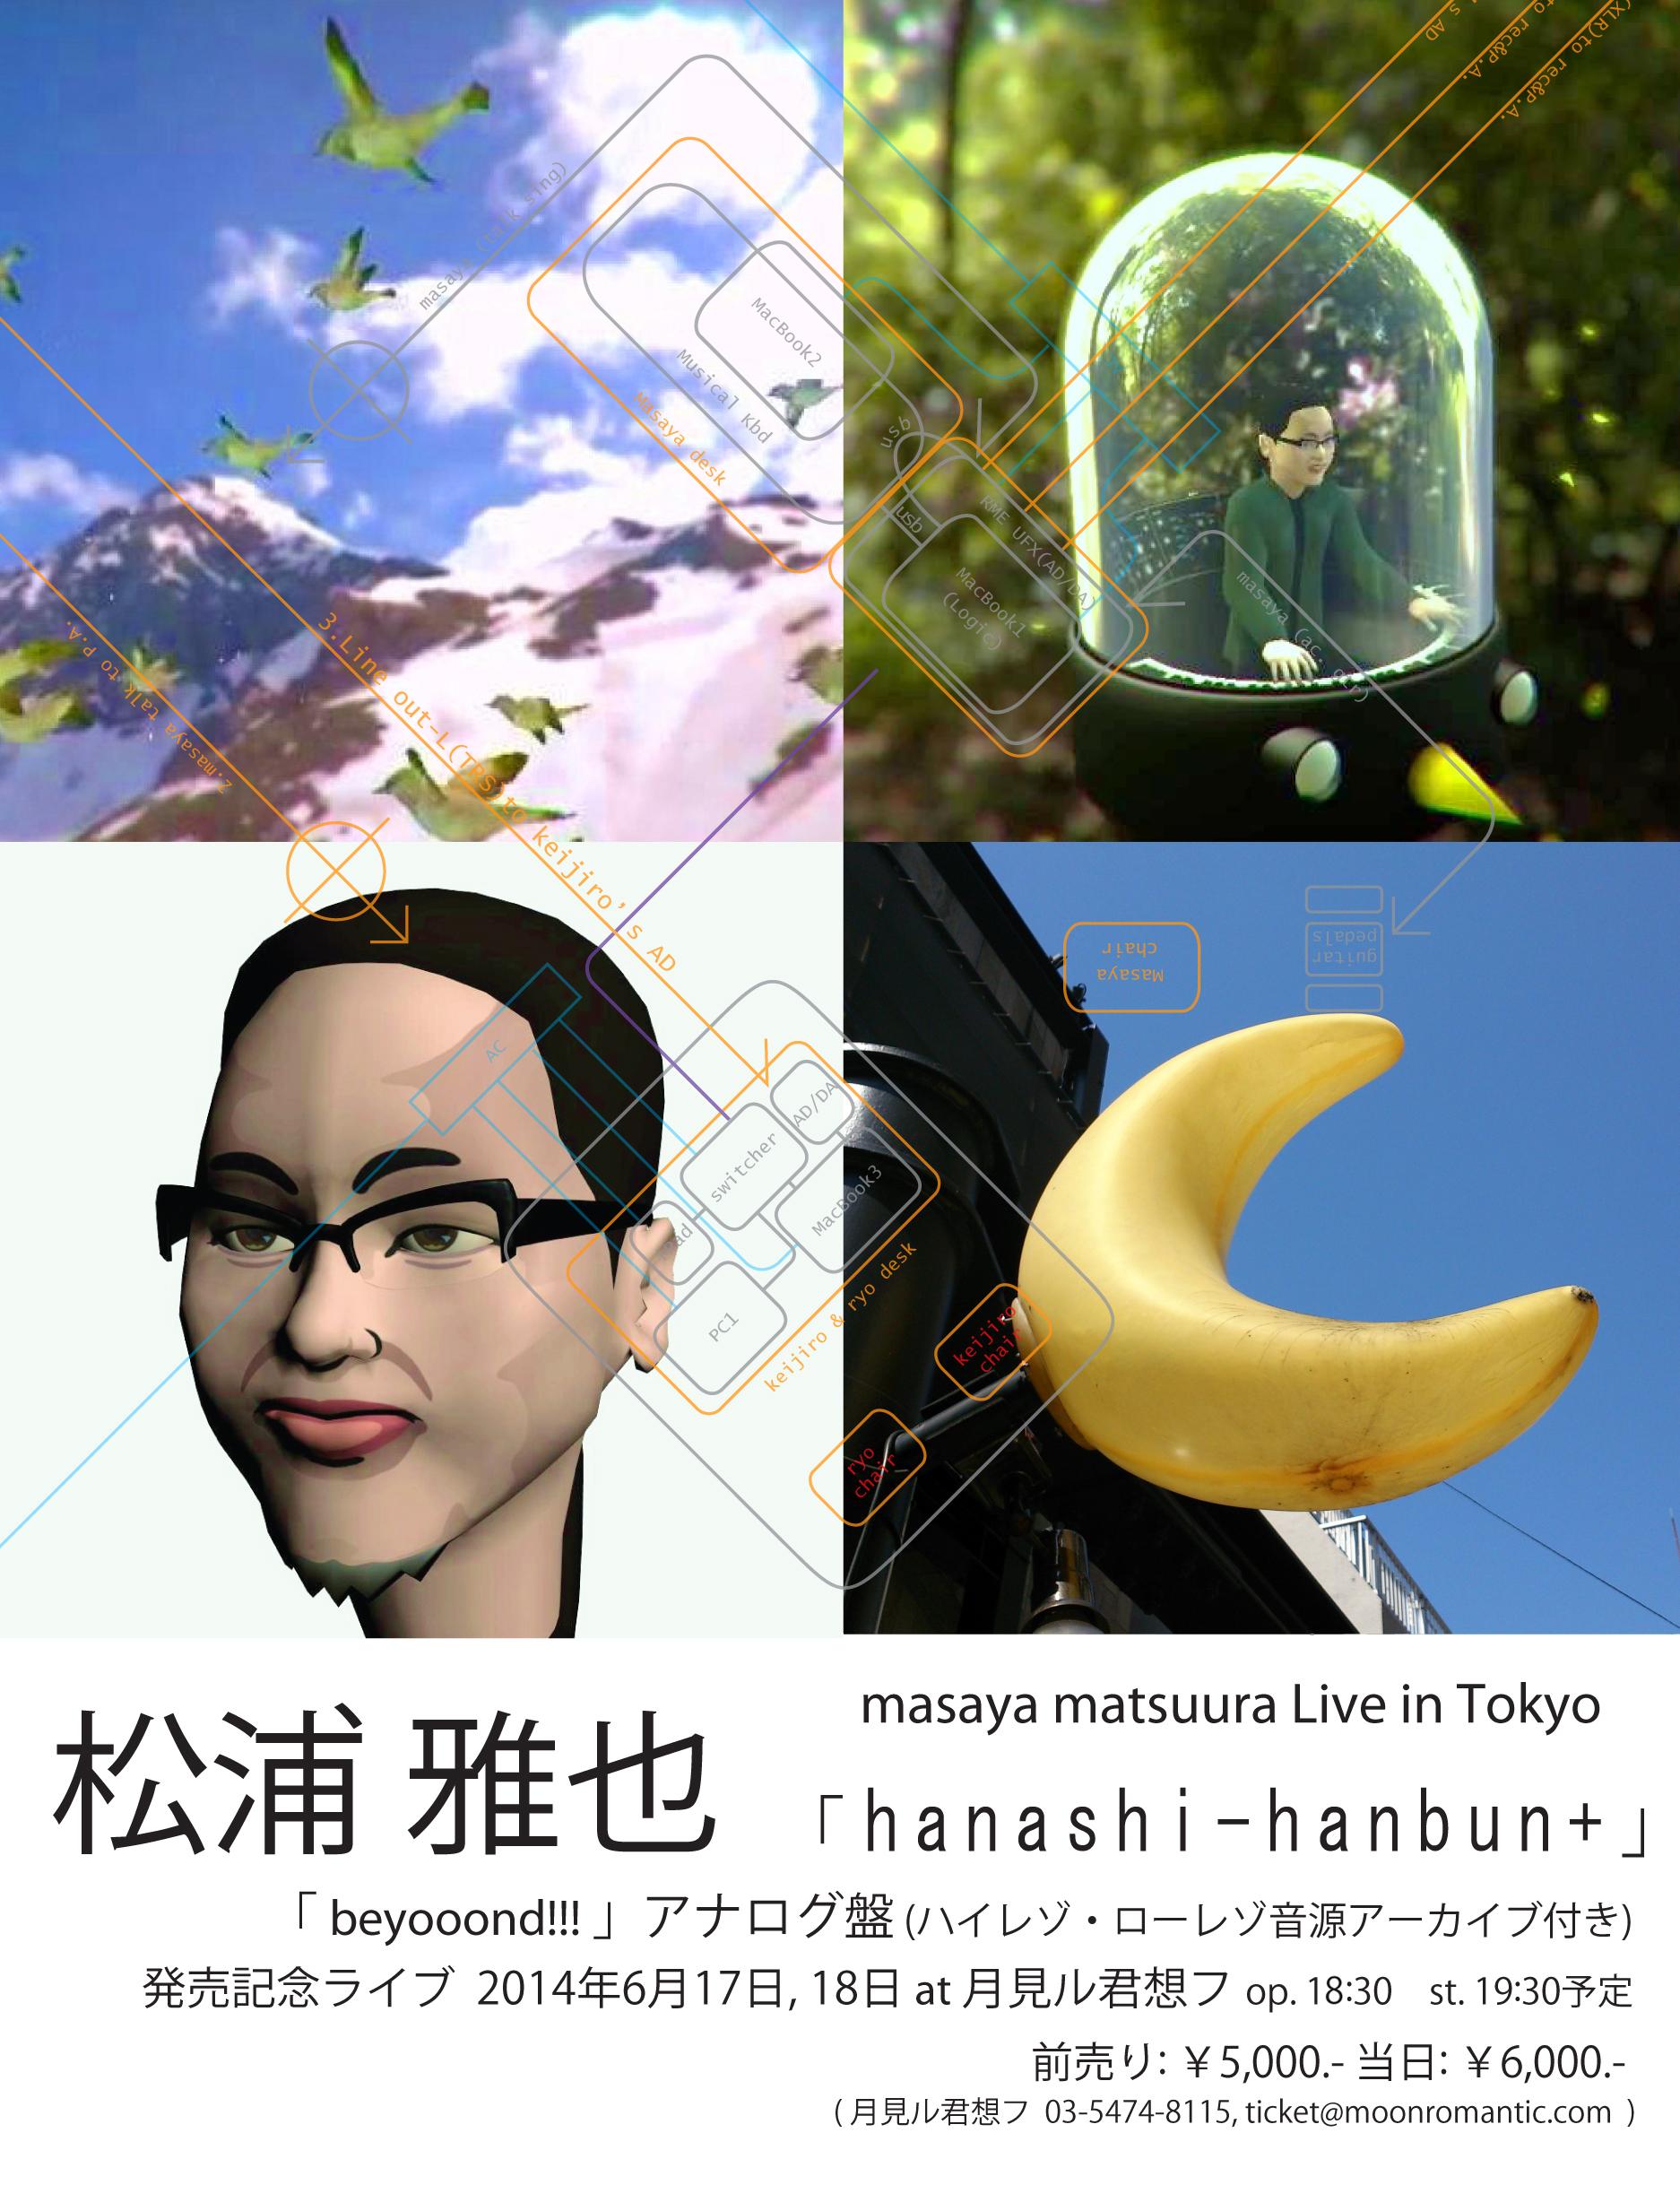 http://www.omaken.com/mt/new_flyer_tokyo4_20140411.jpg